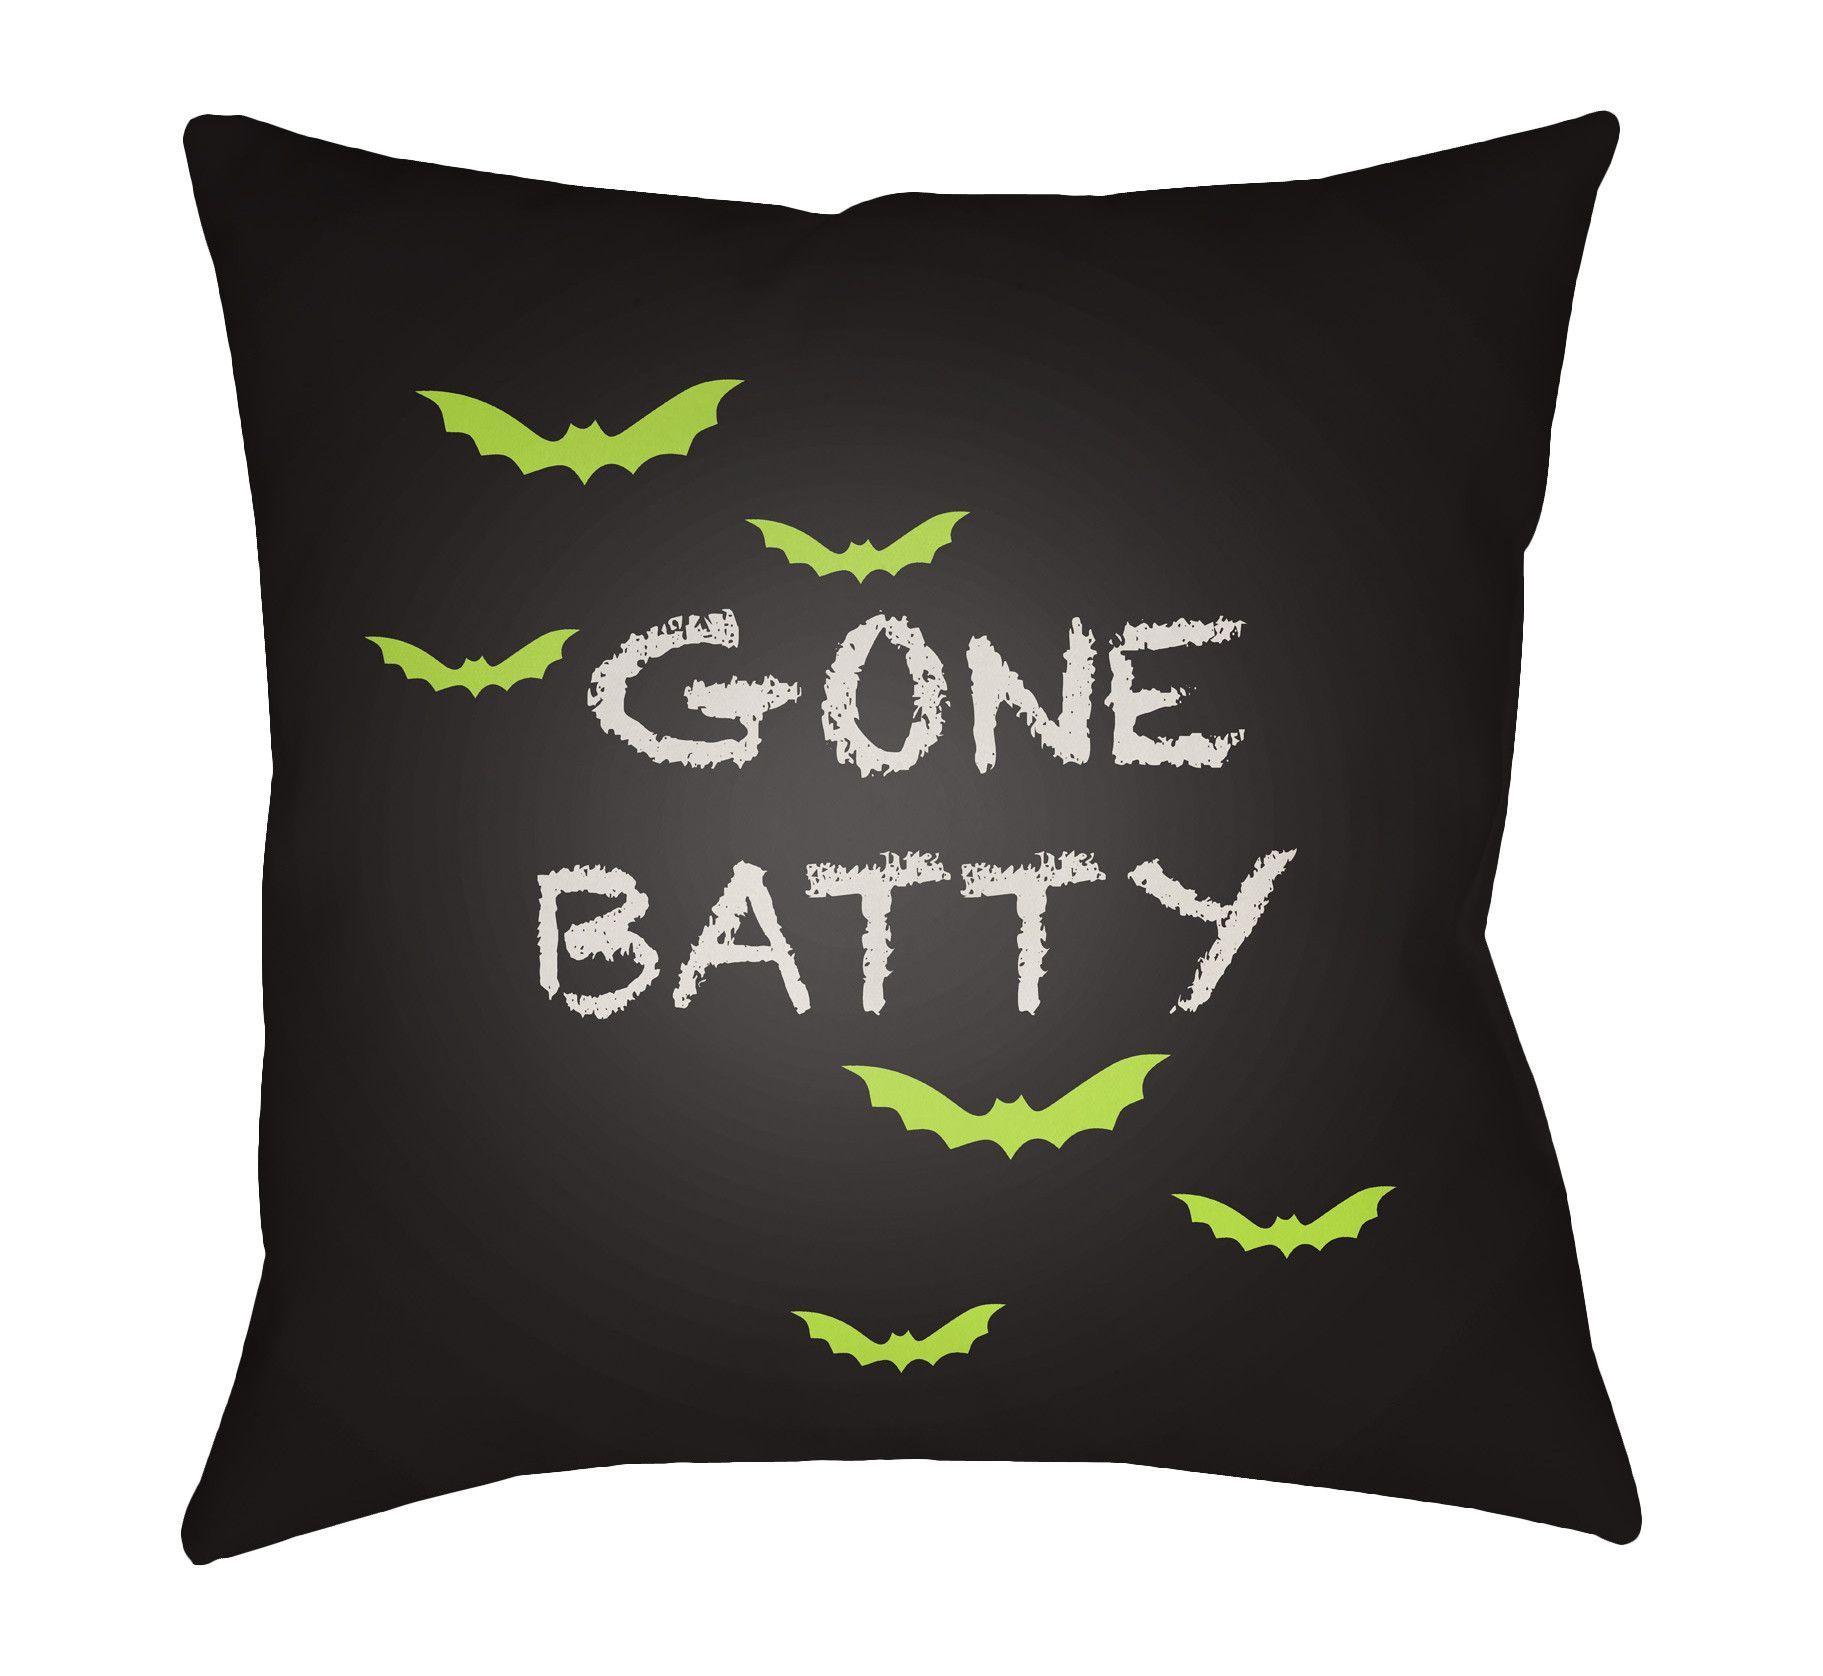 Aedan Indoor/Outdoor Throw Pillow